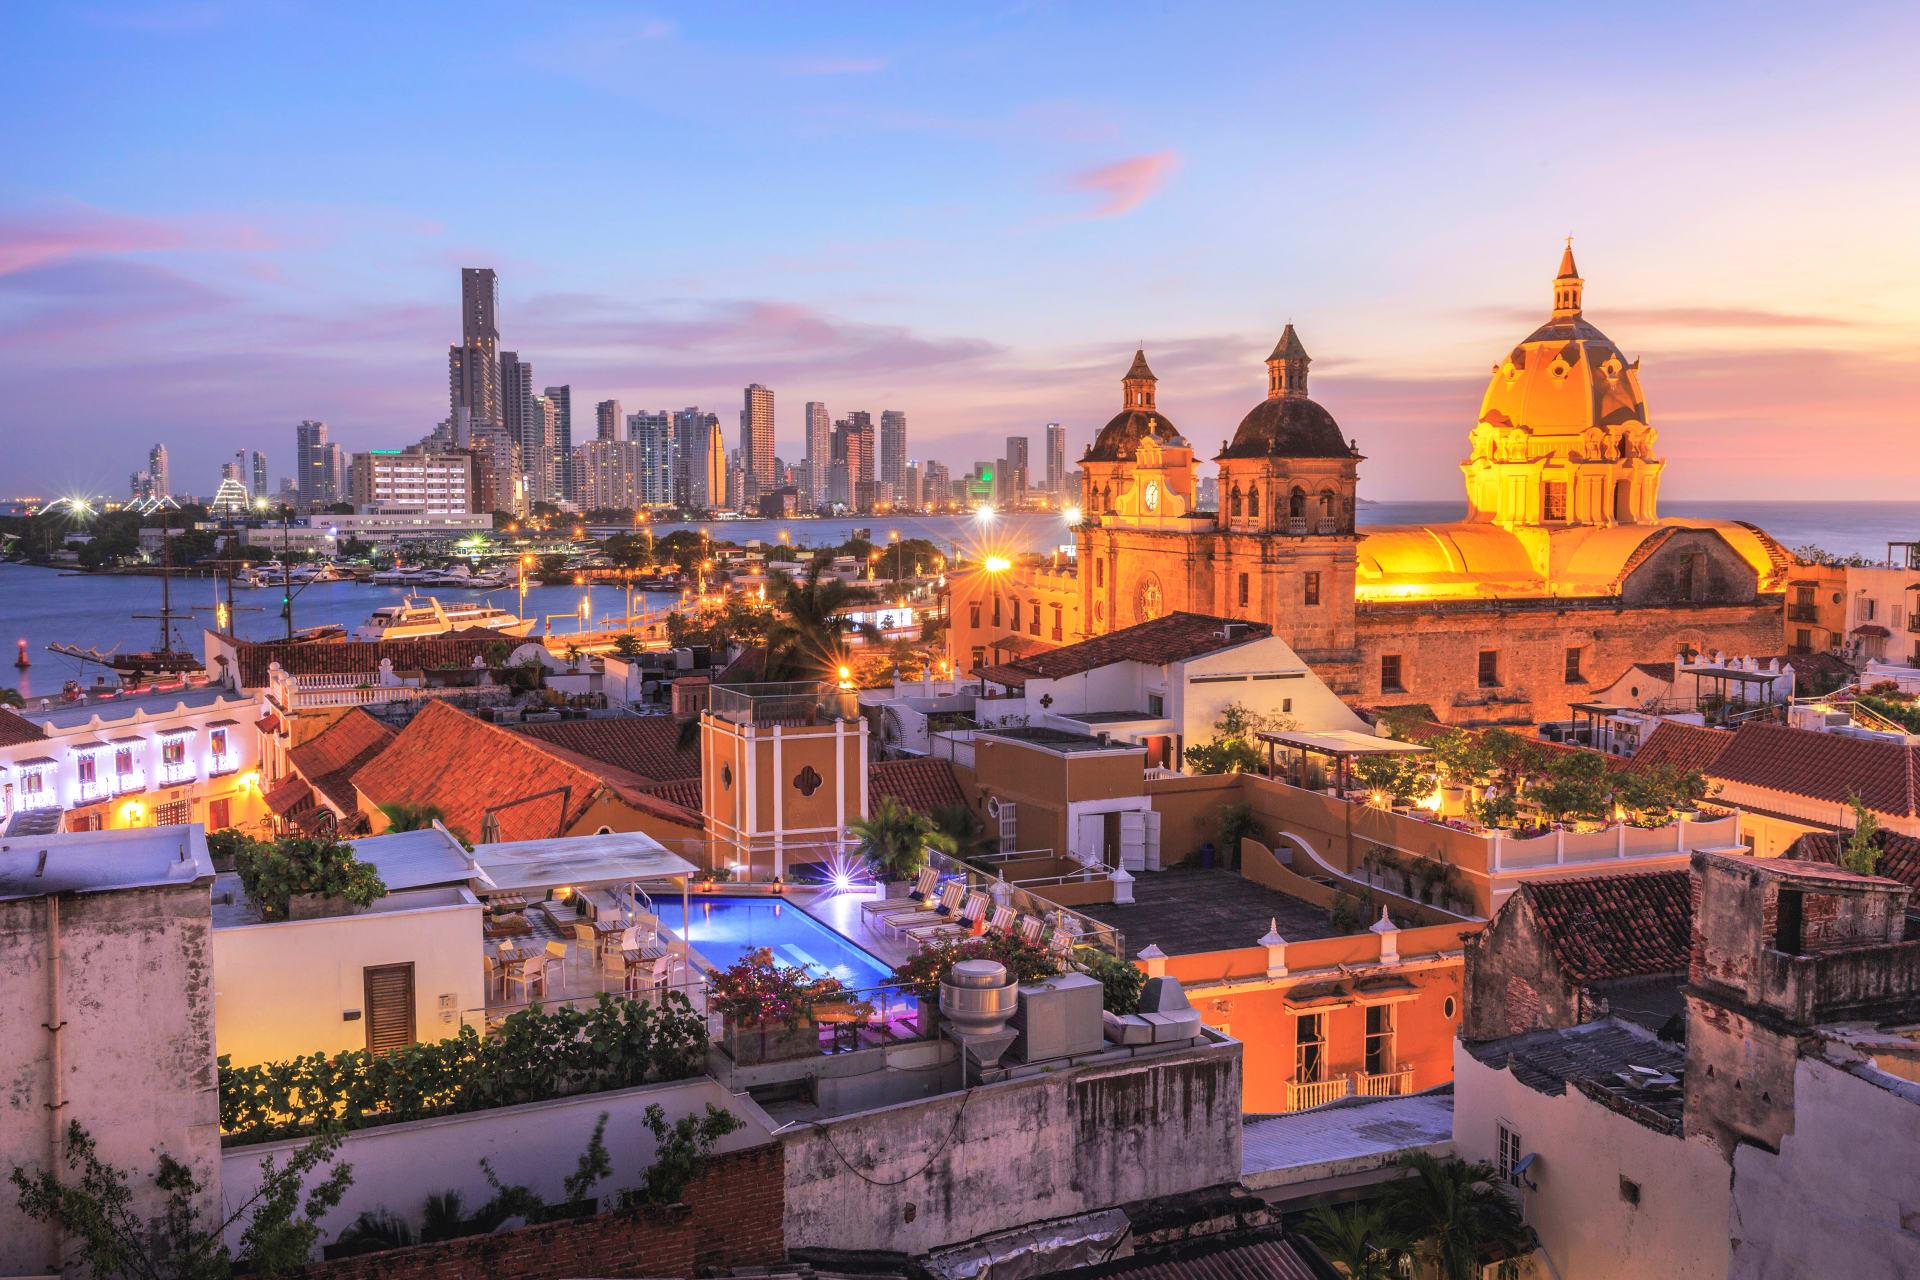 Cartagena - Night Life in Cartagena Colombia